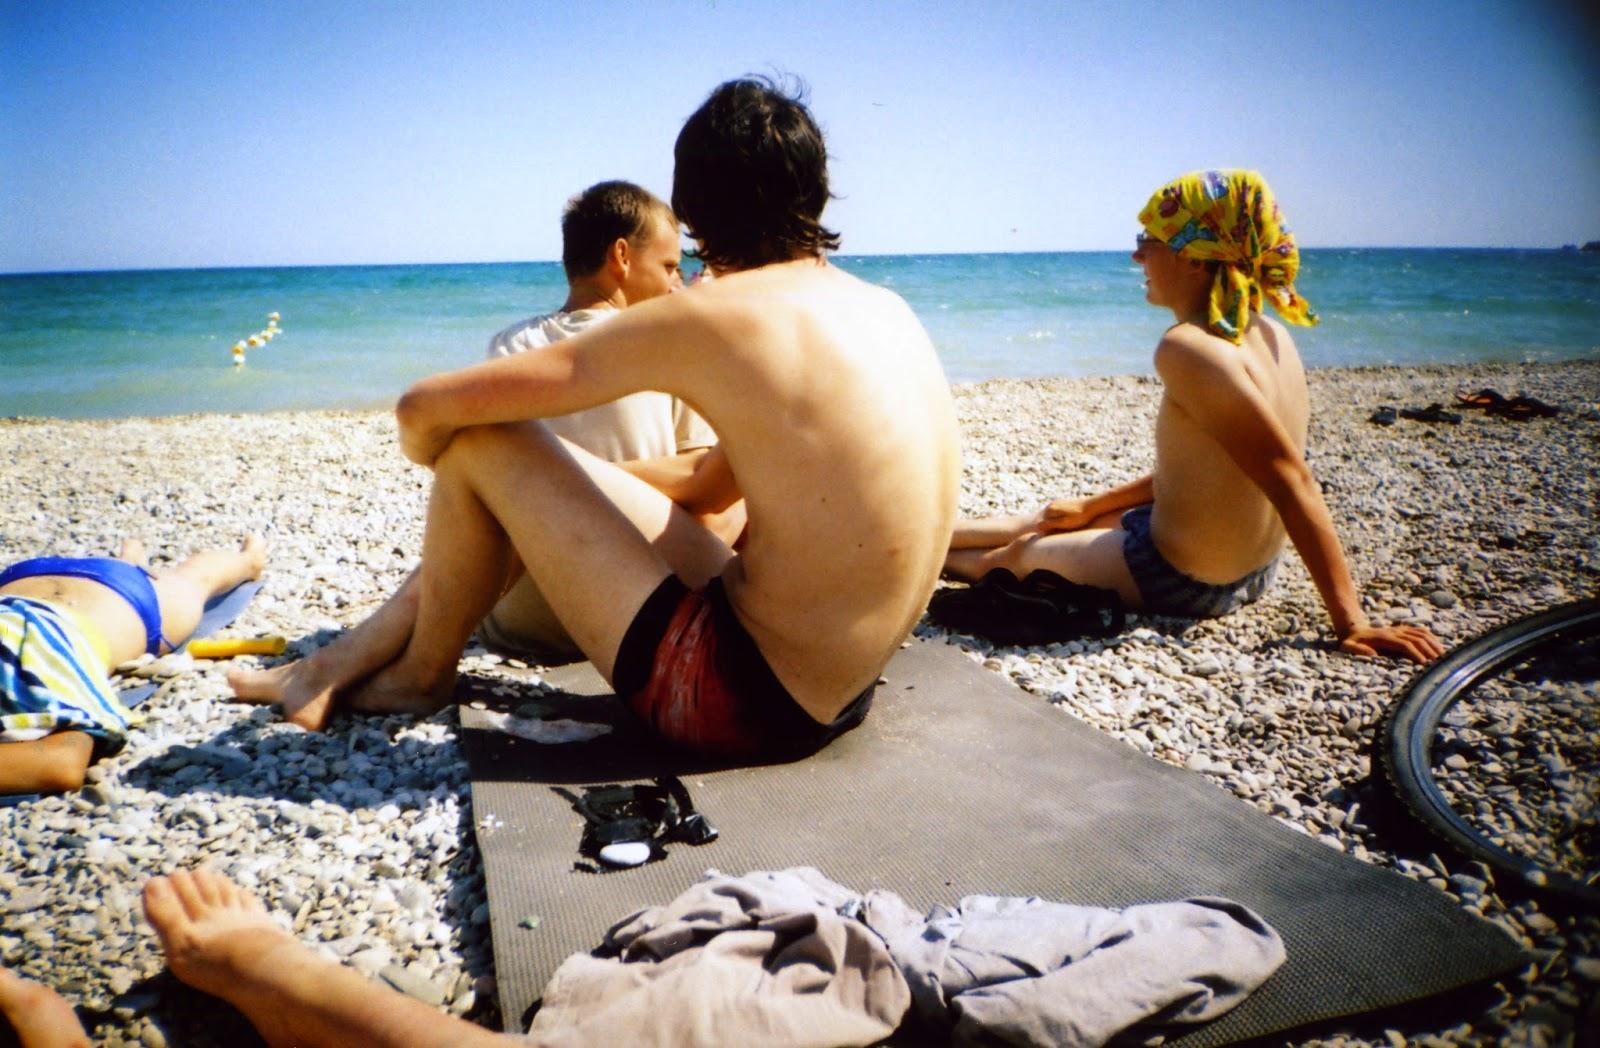 Реальные истории с нудисткого пляжа 7 фотография